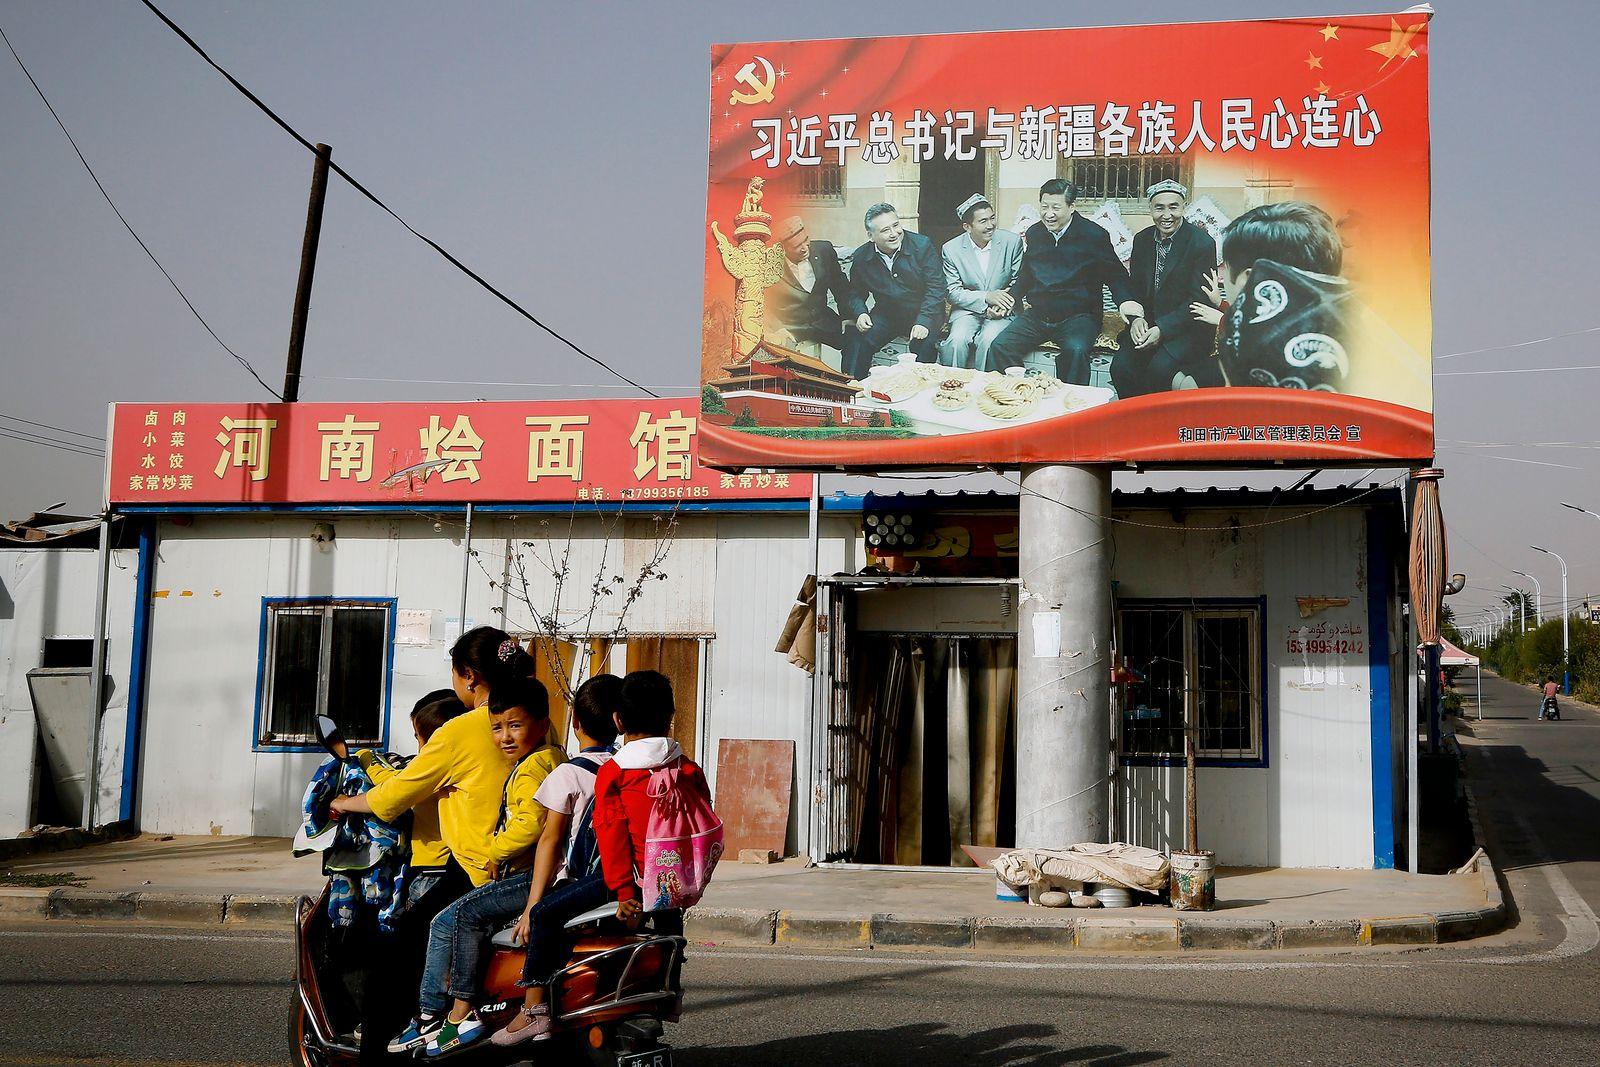 Sanktionen gegen China wegen Menschenrechtsverletzung